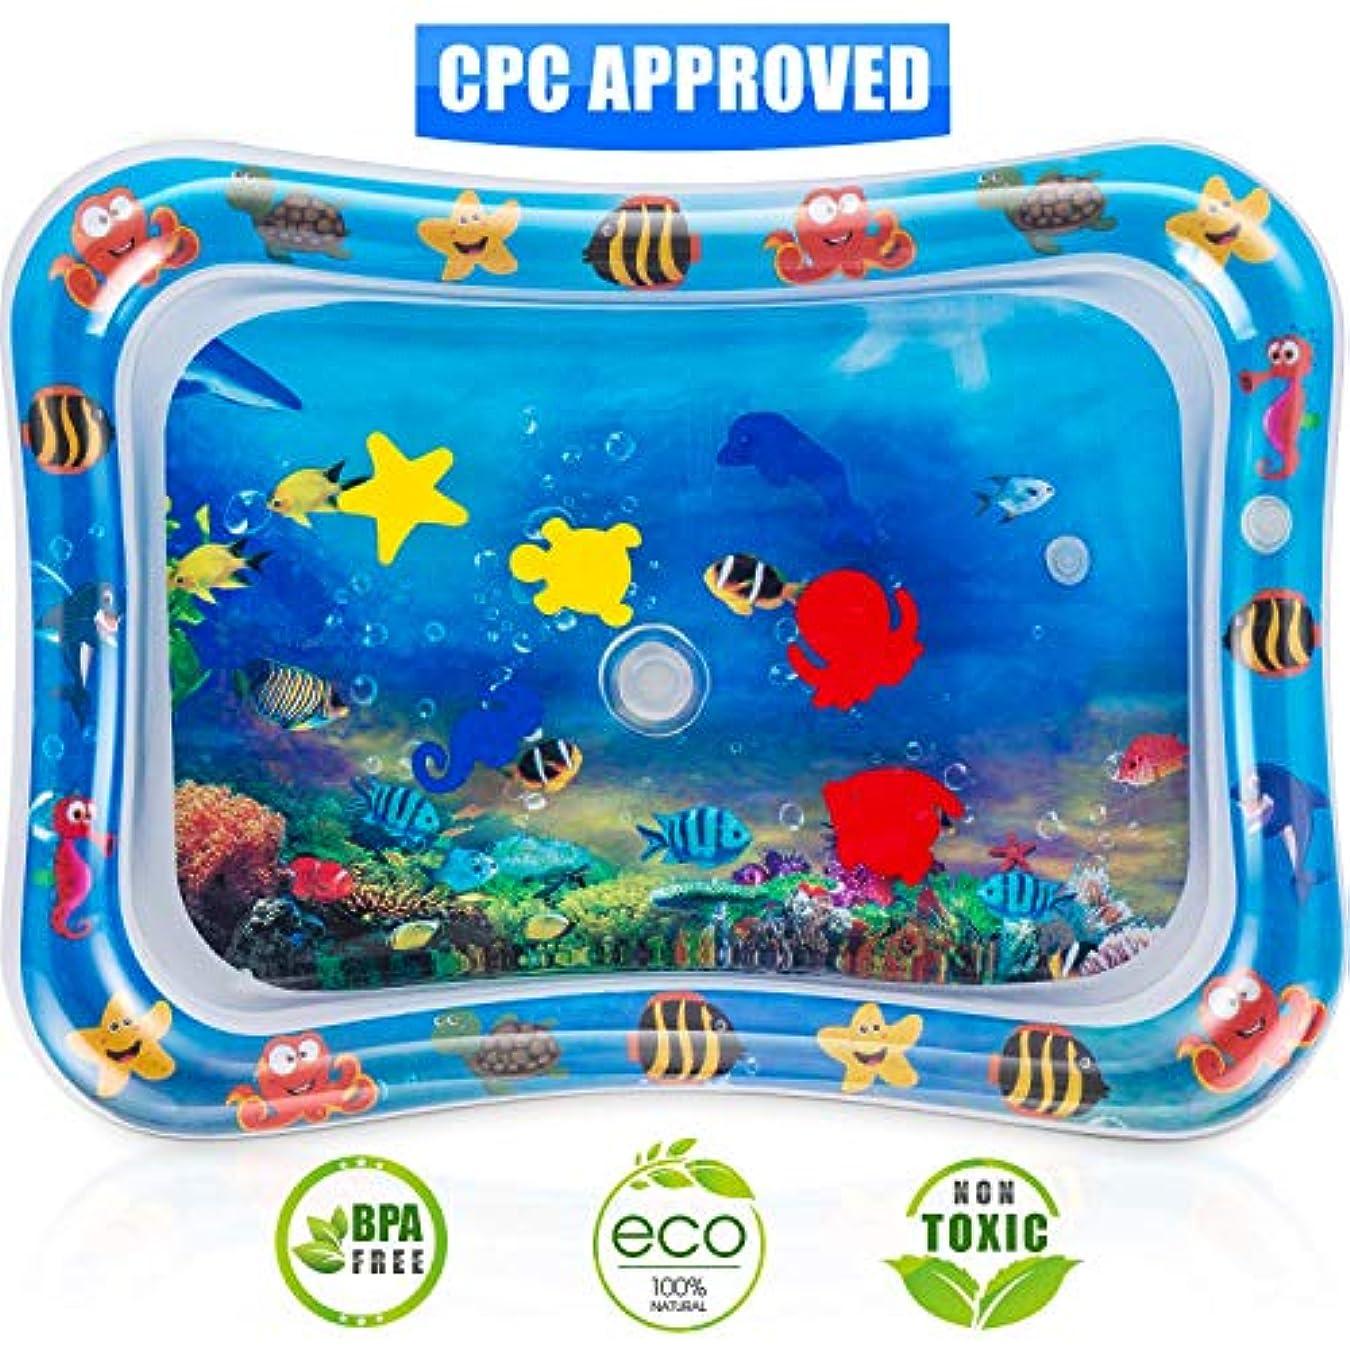 川解釈埋める赤ちゃんインフレータブルウォータープレイマット、赤ちゃん&幼児用活動水マット - 安い、ディスカウント価格素晴らしいおなかの時間活動は、視覚刺激、運動&運動技能を促進します。膨らませて収縮するのが簡単